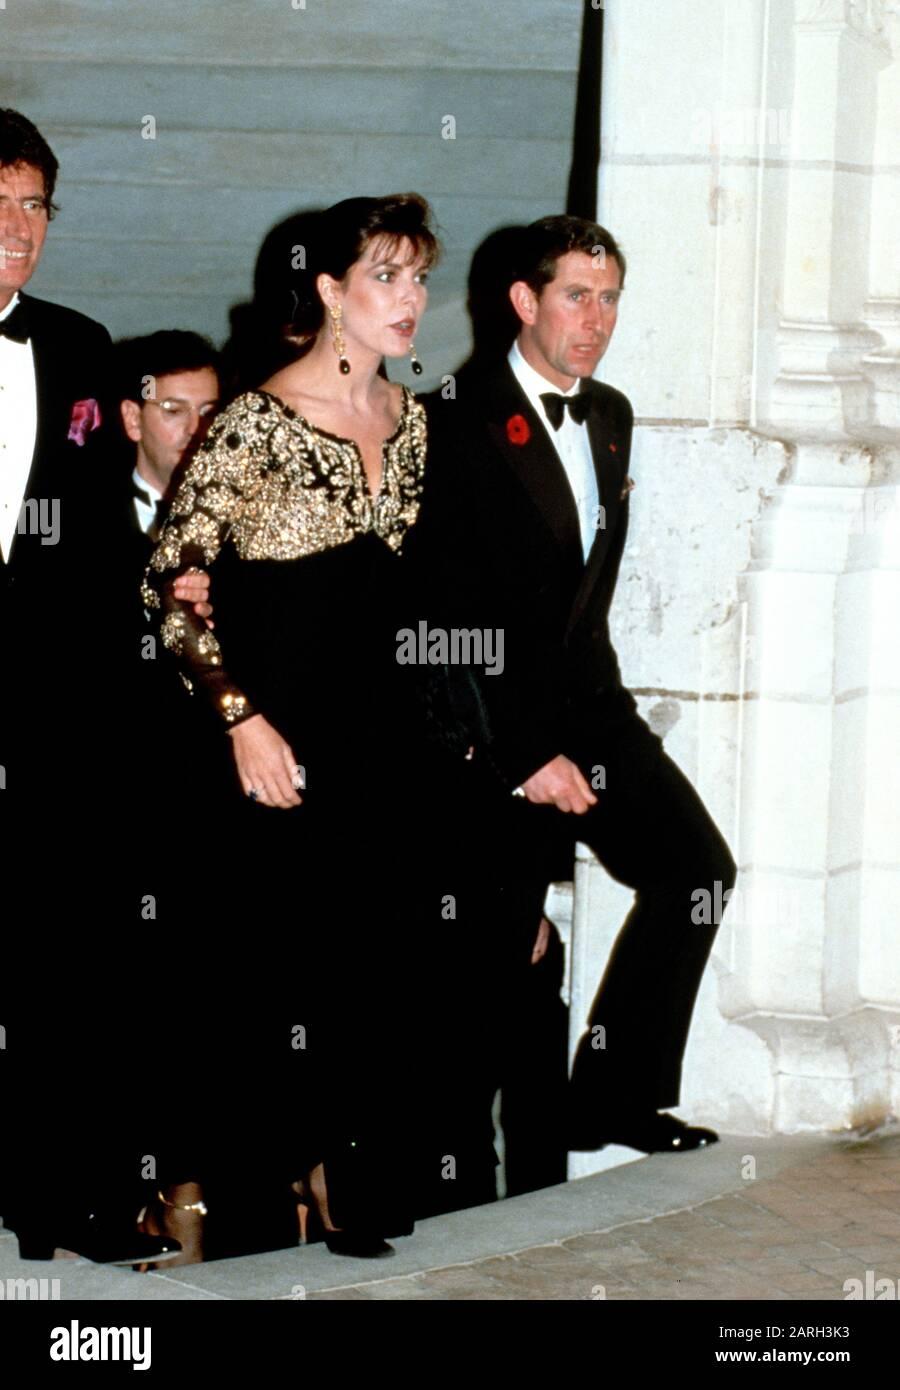 la-princesa-hsh-caroline-de-monaco-y-el-principe-hdh-charles-asisten-a-una-cena-en-el-chateau-de-chambord-durante-su-gira-real-de-francia-noviembre-de-1988-2arh3k3.jpg